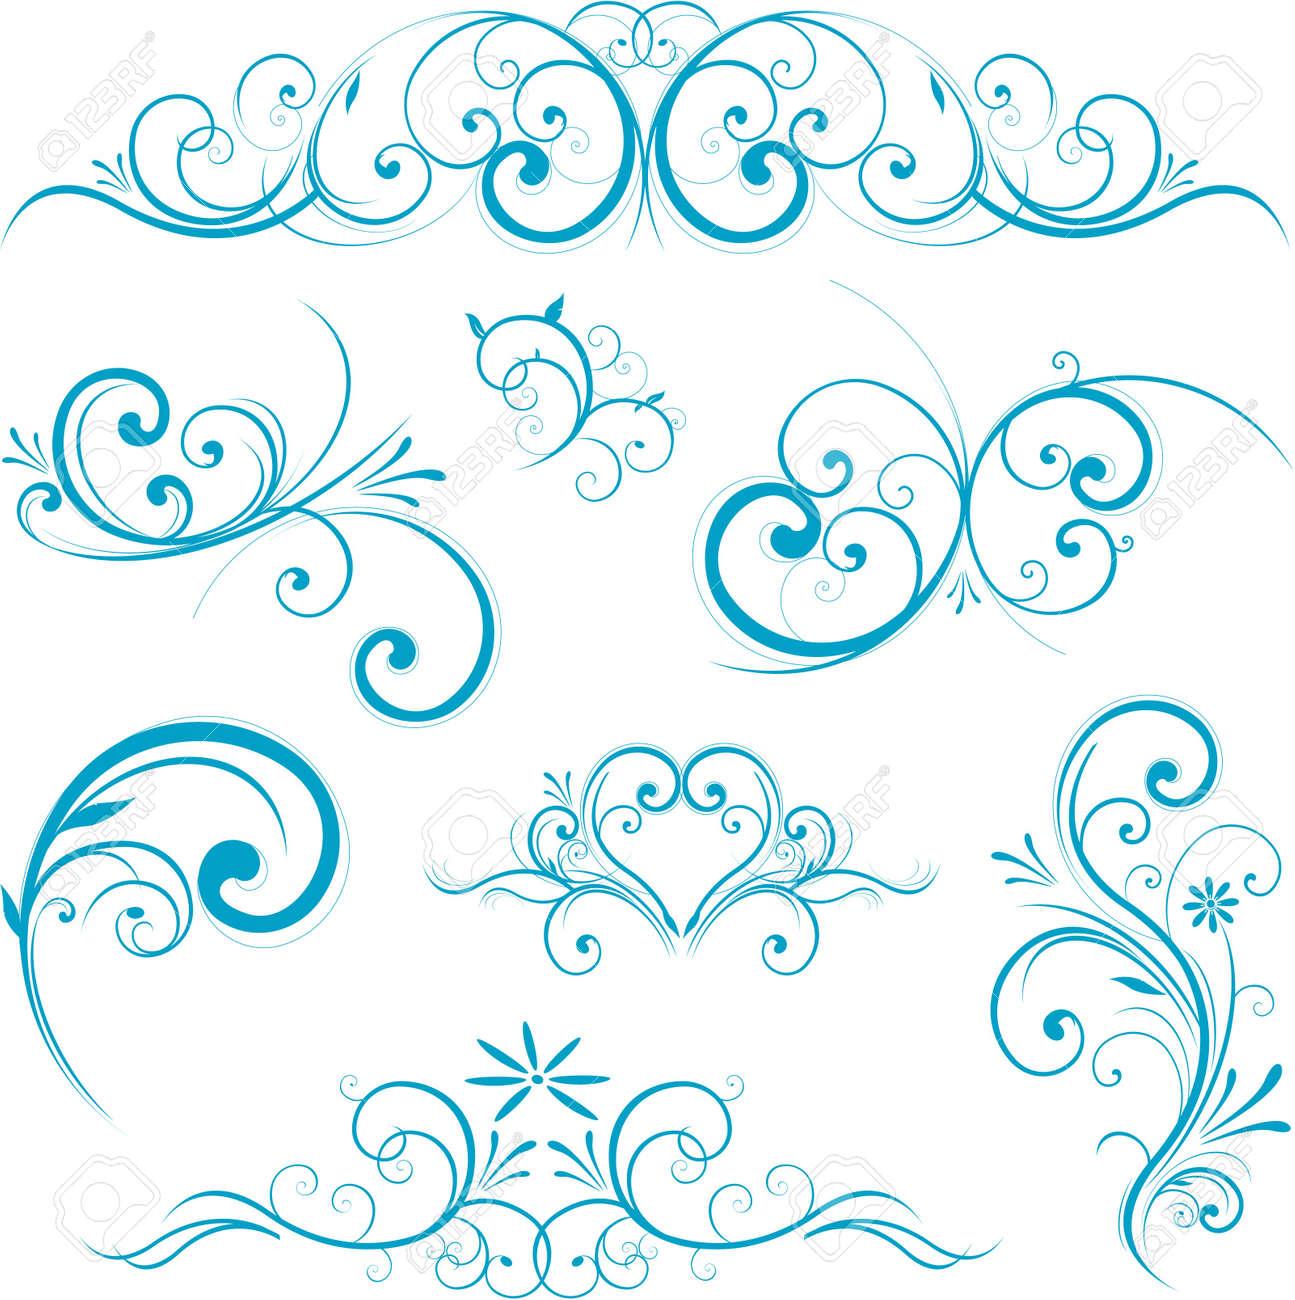 blue swirl design ornaments - 8688097